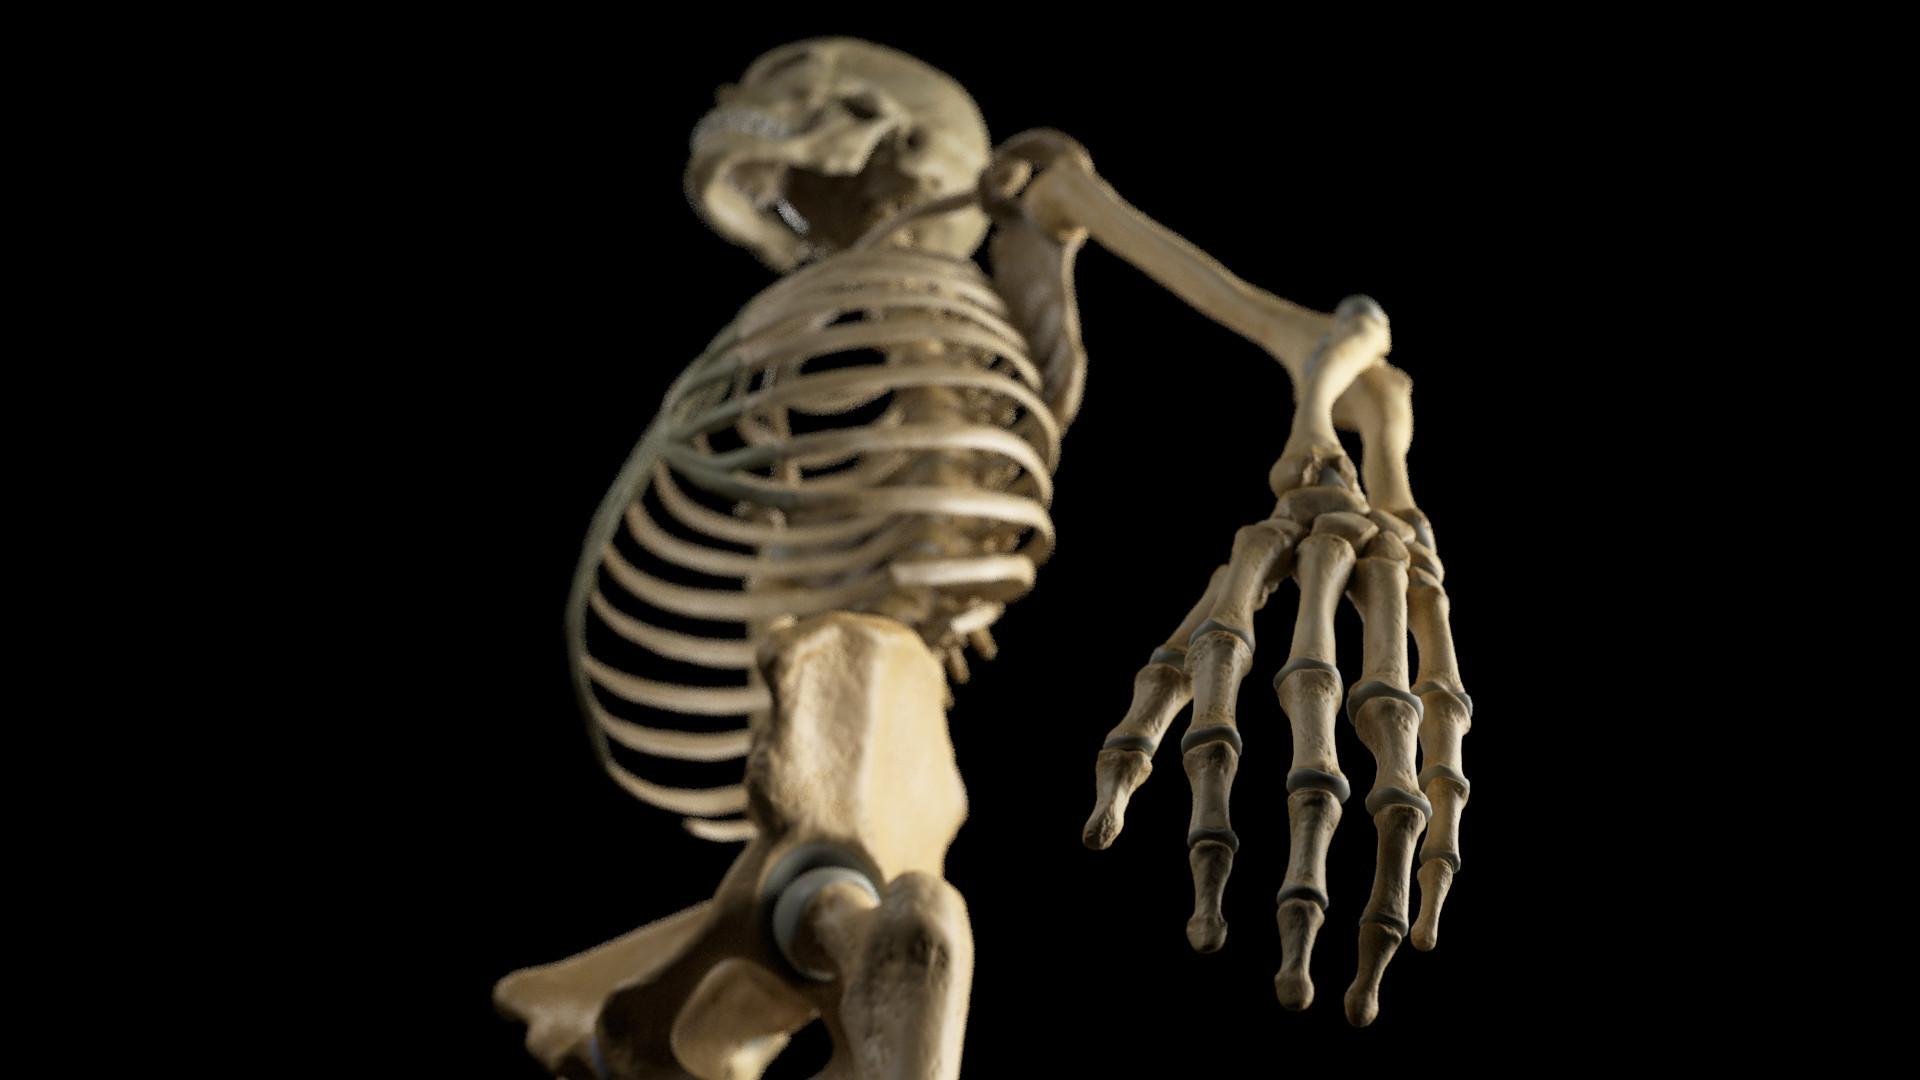 Andrey gritsuk skeleton 3 edit